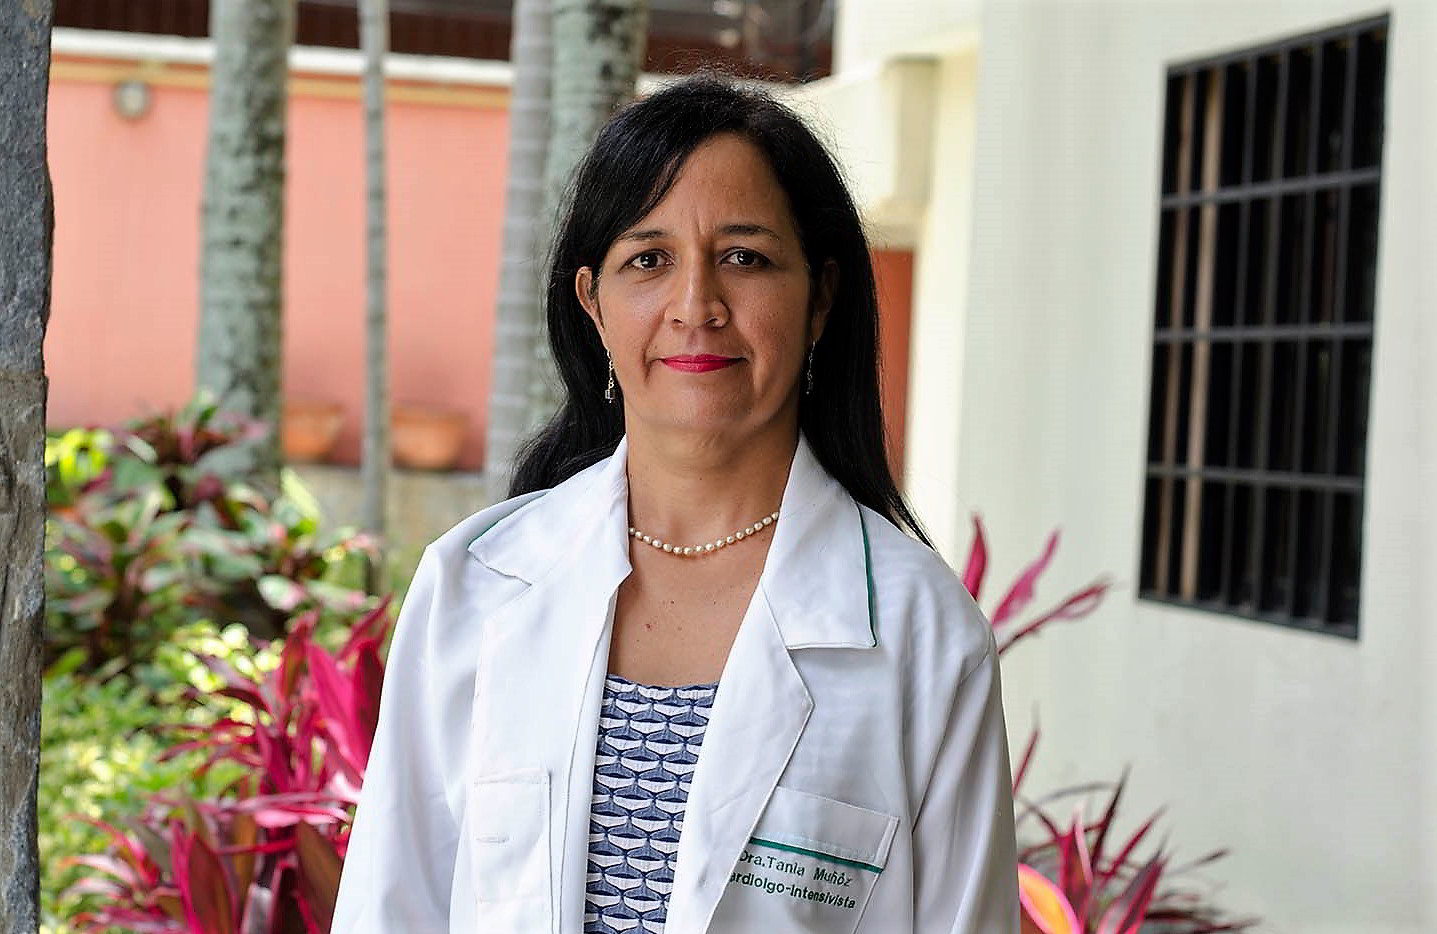 La especialista de Médicos Venezolanos Online (MVO) explica que con un chequeo se puede hacer un análisis bastante acertado